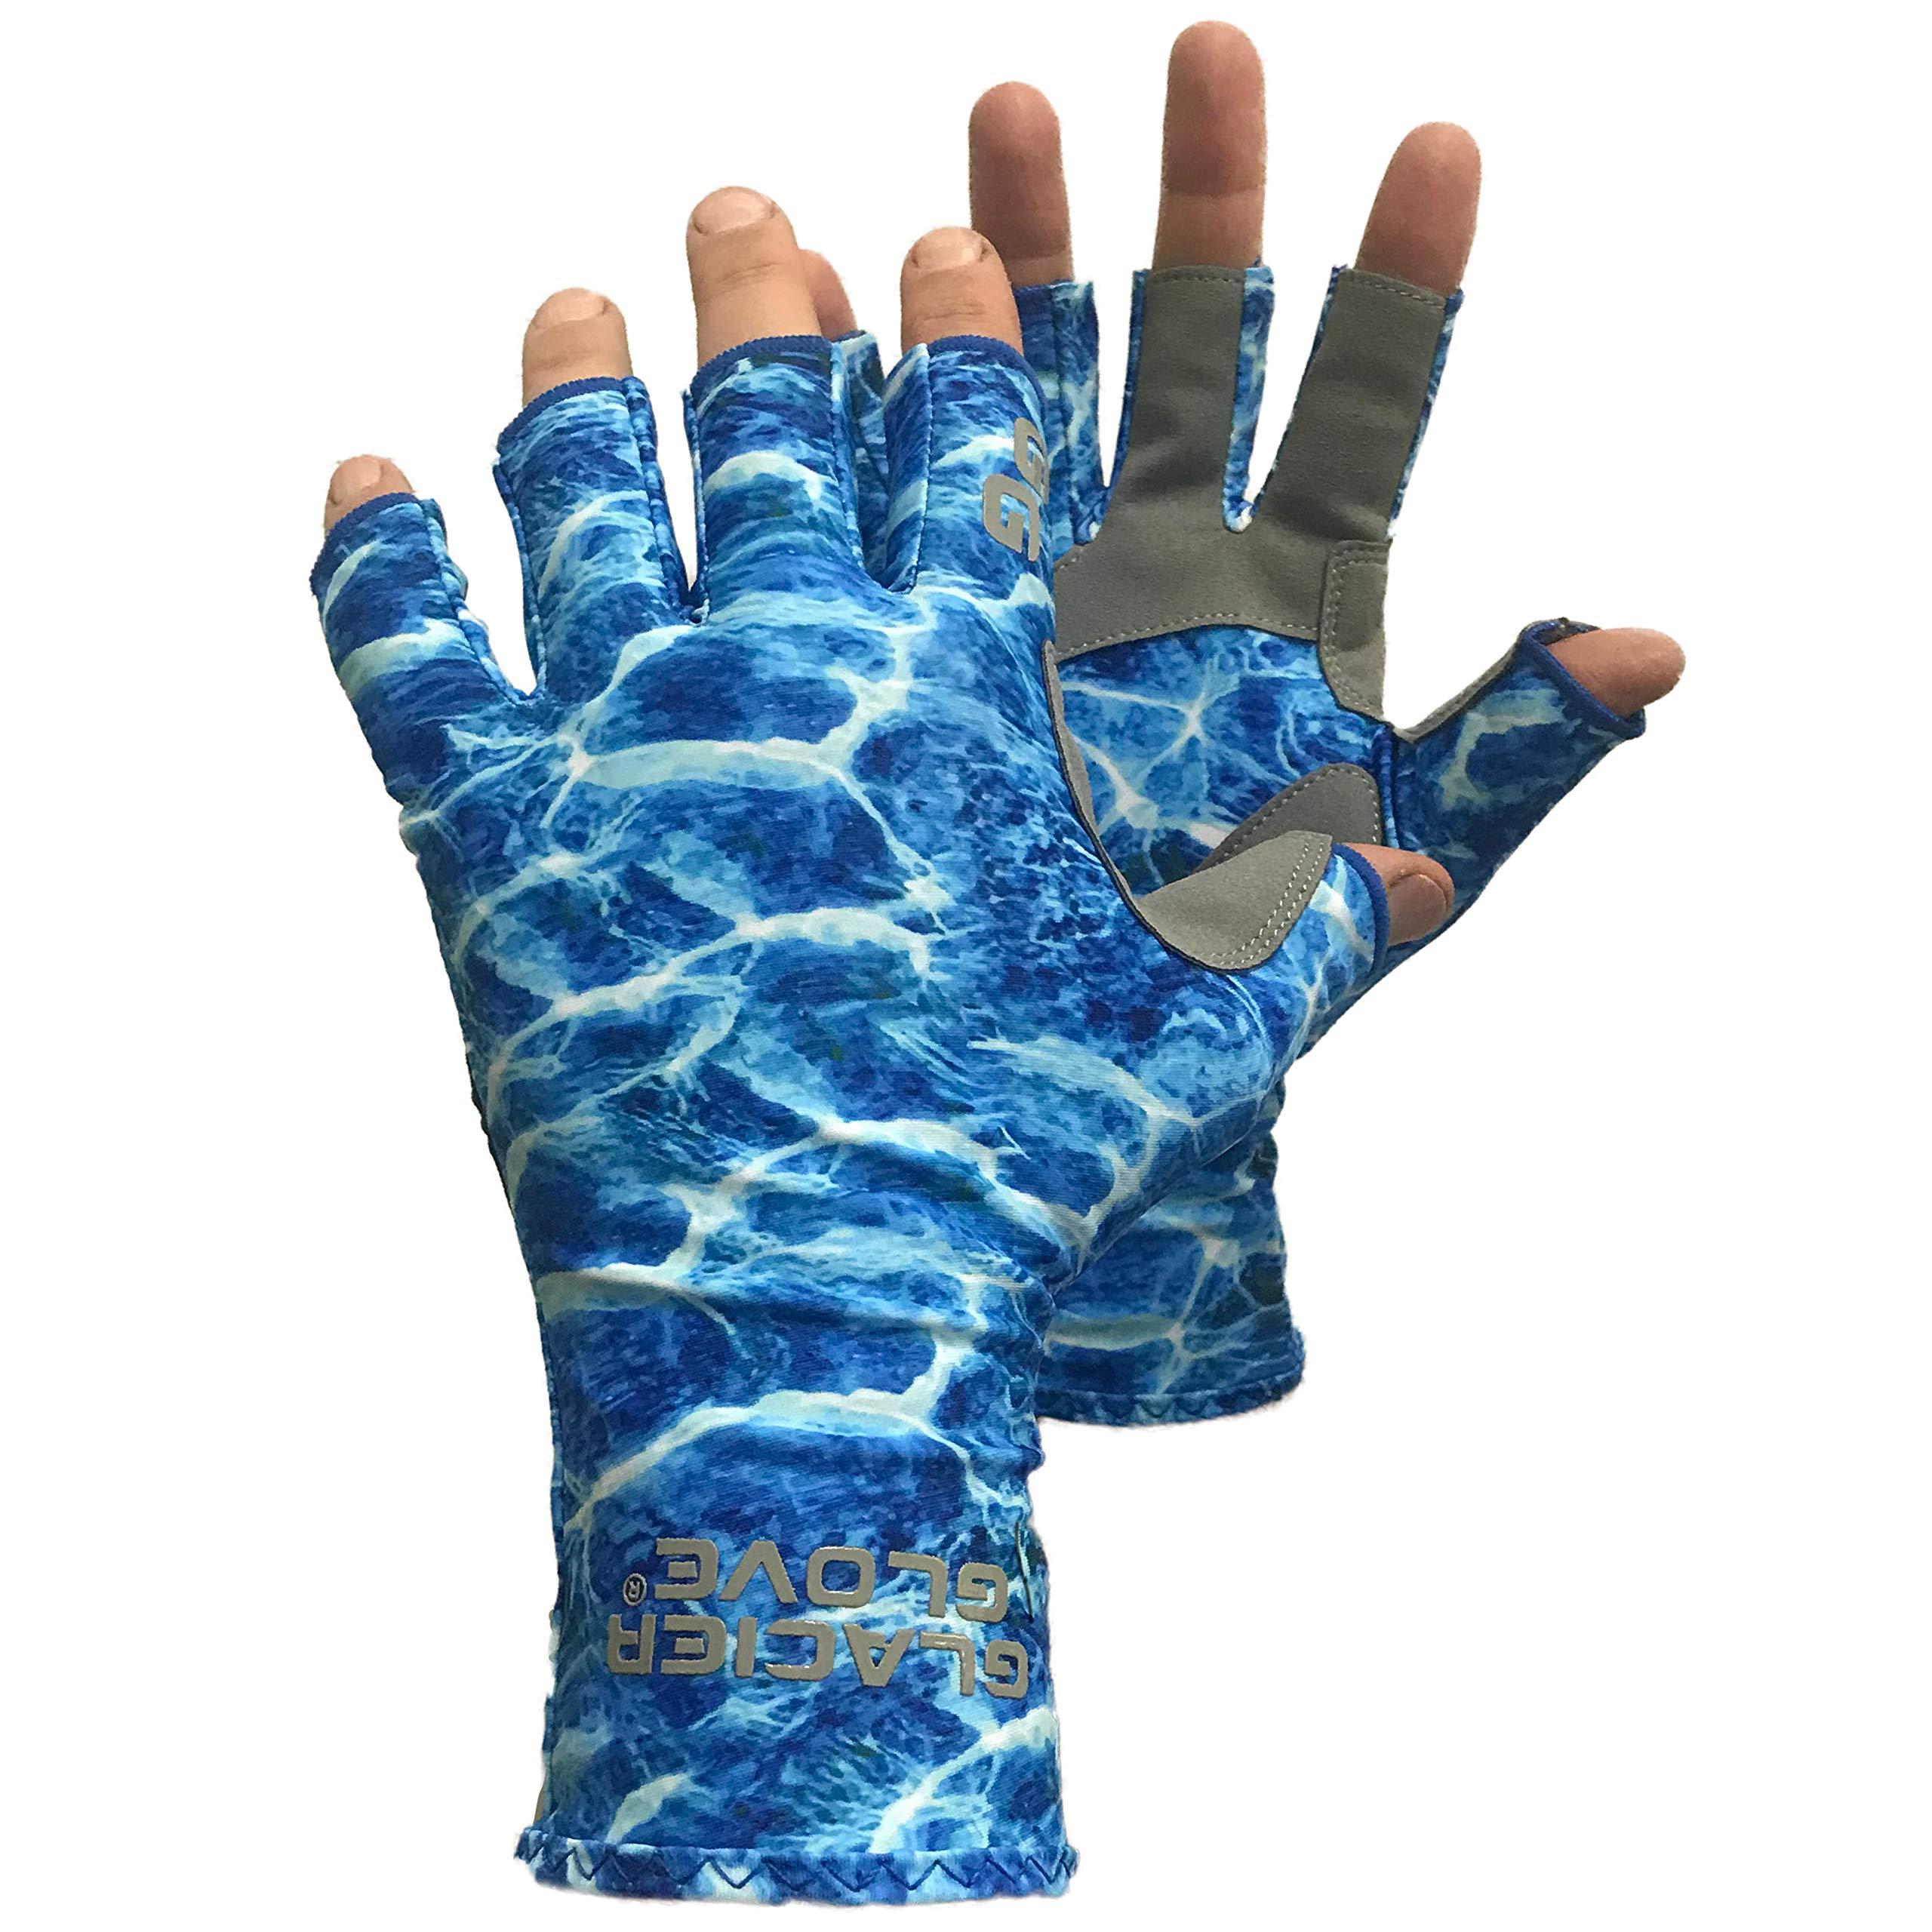 Glacier Glove Fingerless Islamorada Sun Glove, Blue Camo, X-Large by Glacier Glove